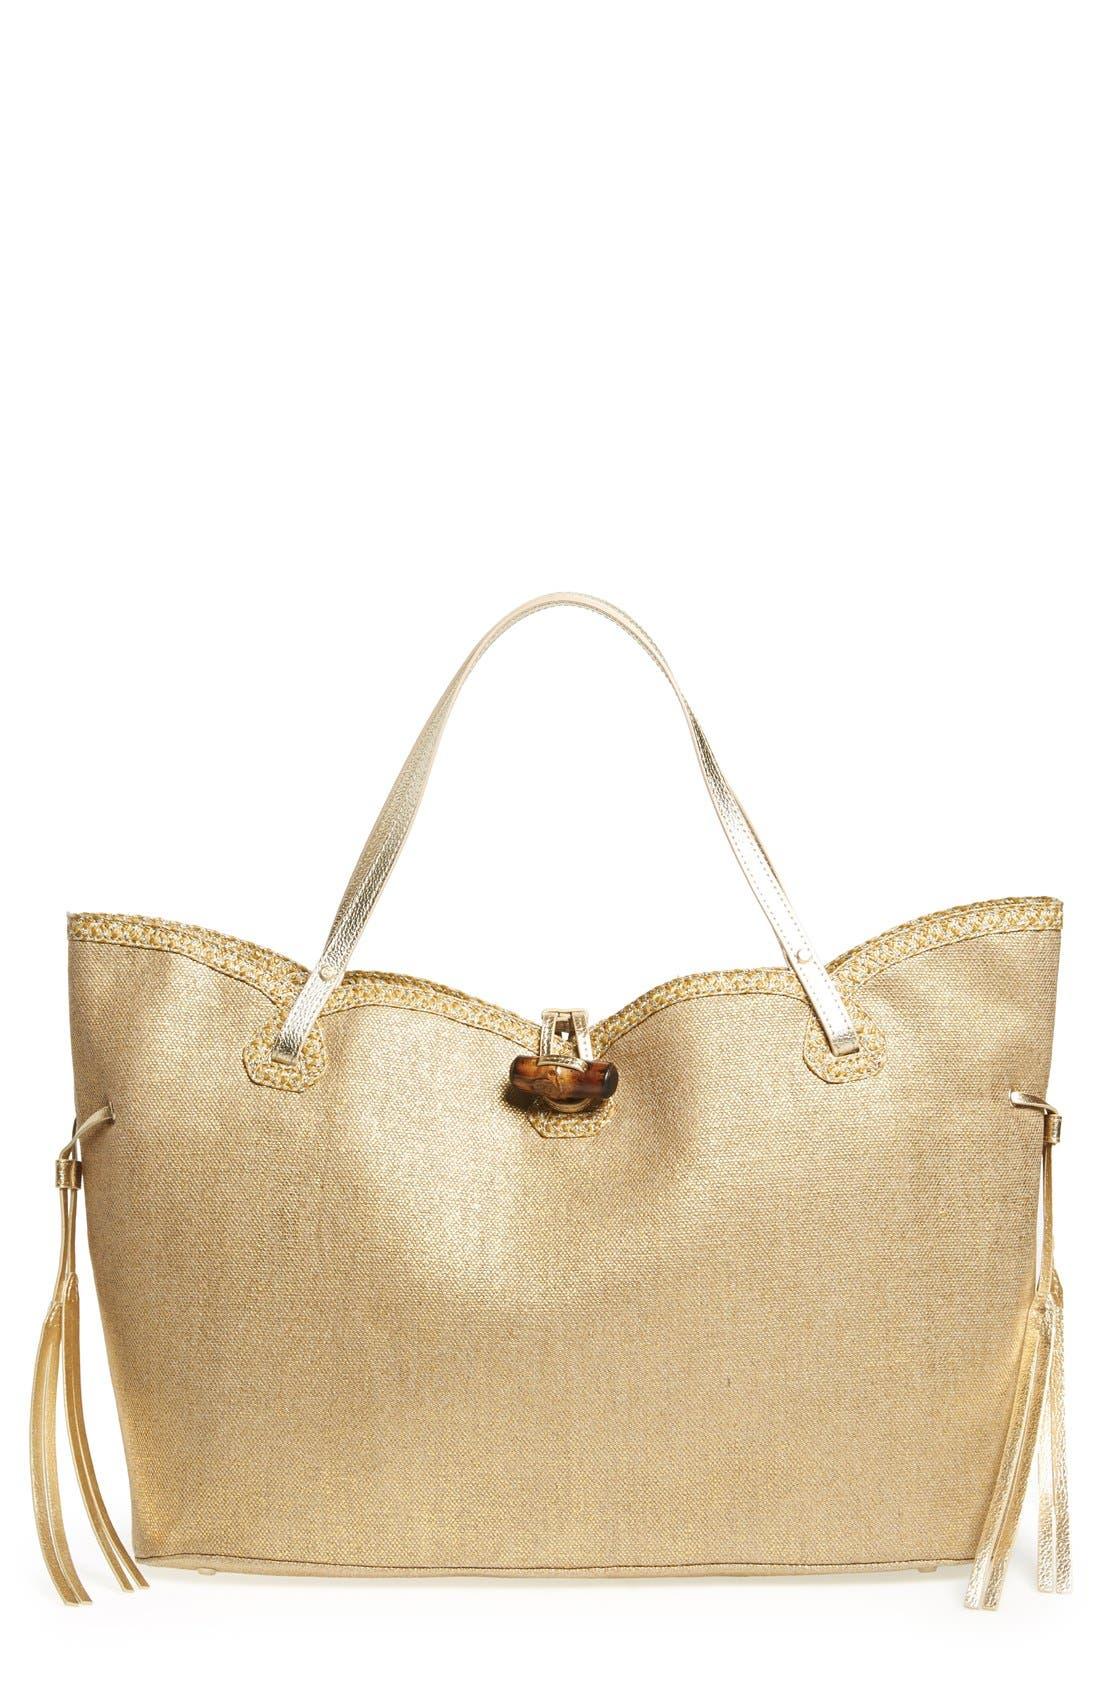 'Tuti' Shopper Tote,                         Main,                         color, Gold